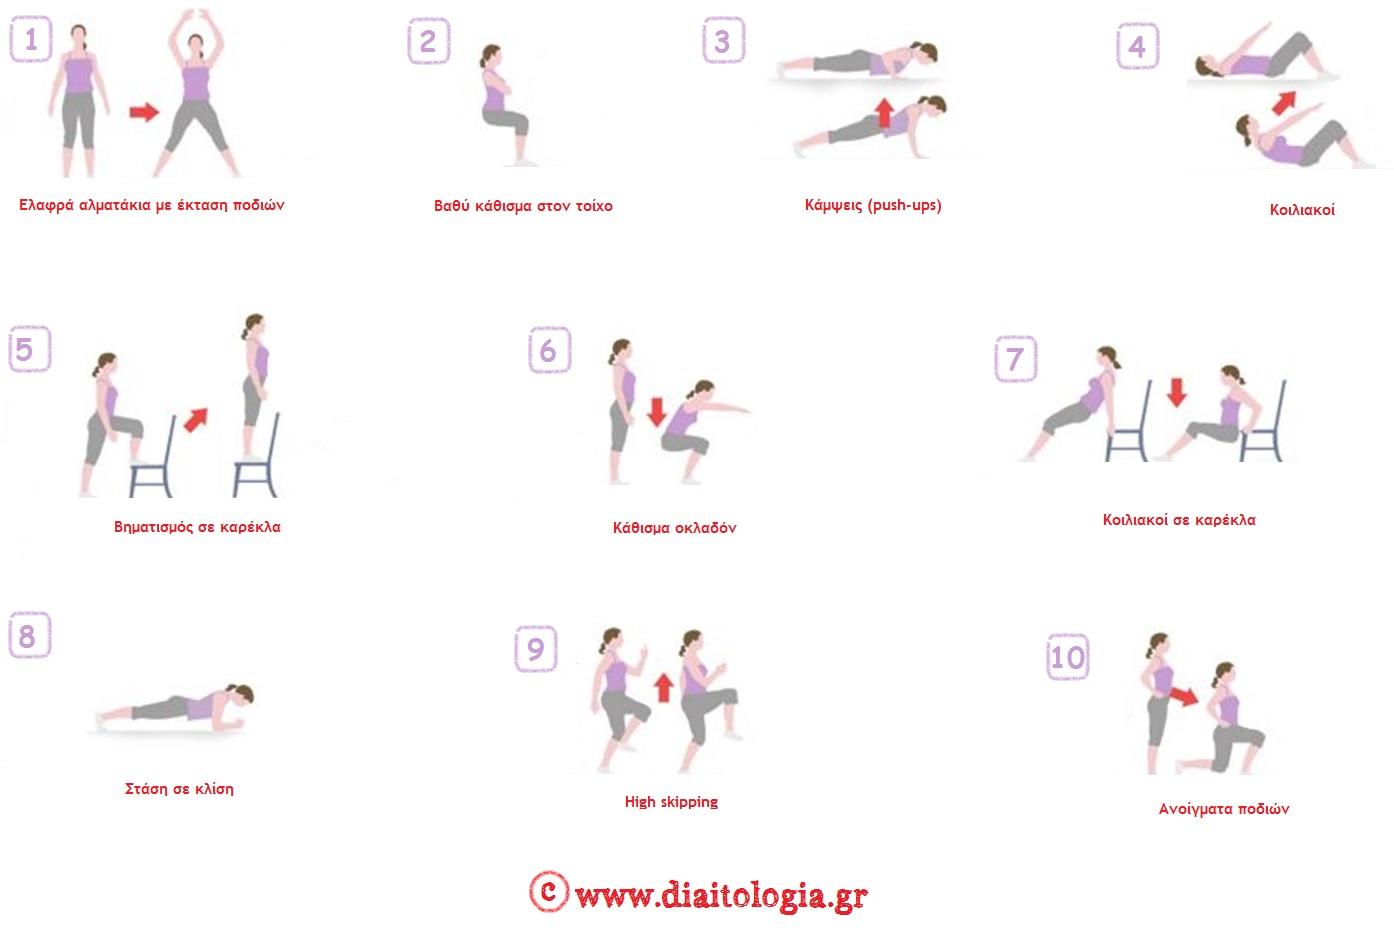 Εύκολες ασκήσεις : γυμνάστε όλο το σώμα σε 7 λεπτά!